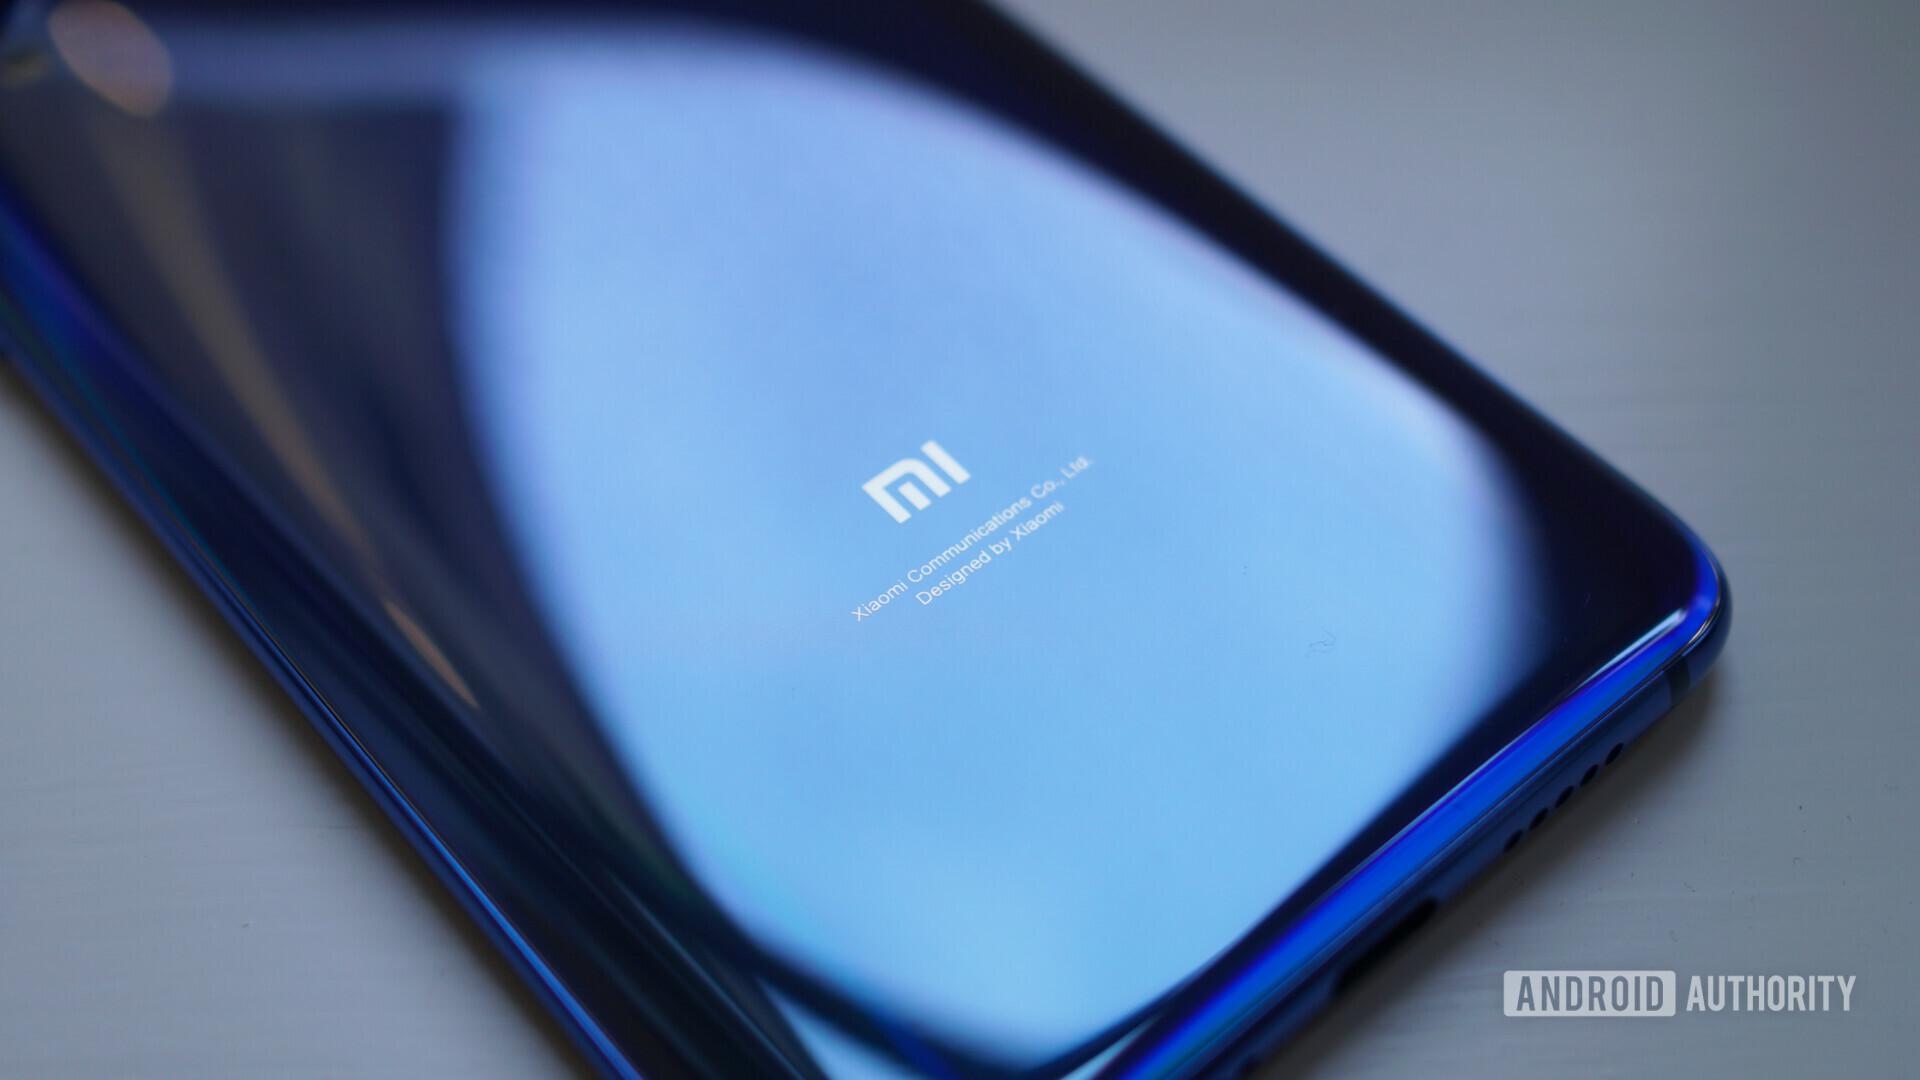 День рождения Xiaomi: компании уже девять лет, и он не перестает расти